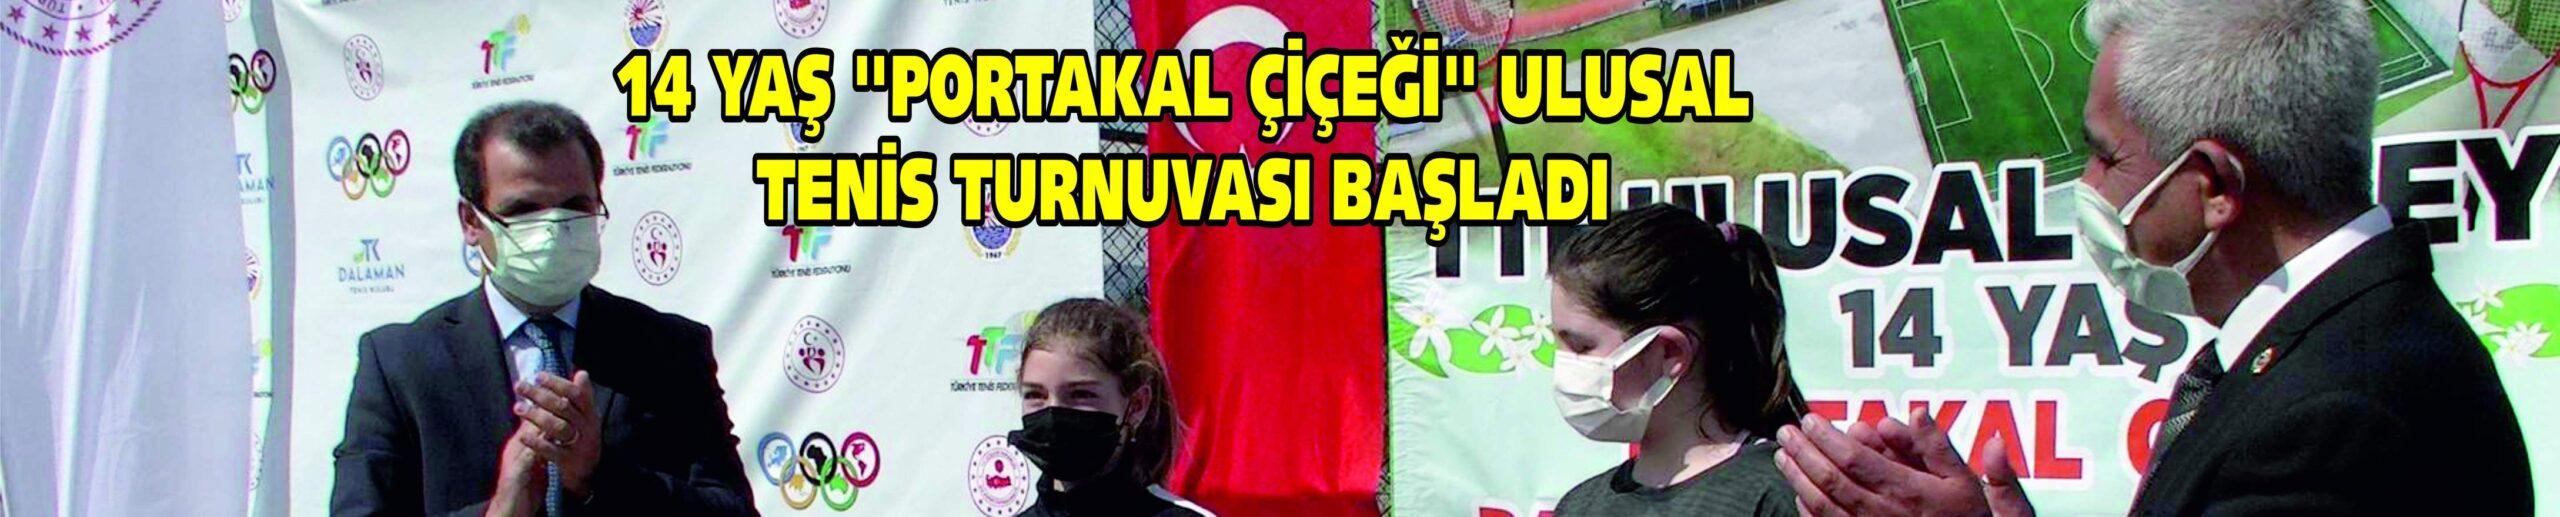 """14 YAŞ """"PORTAKAL ÇİÇEĞİ"""" ULUSAL TENİS TURNUVASI BAŞLADI"""